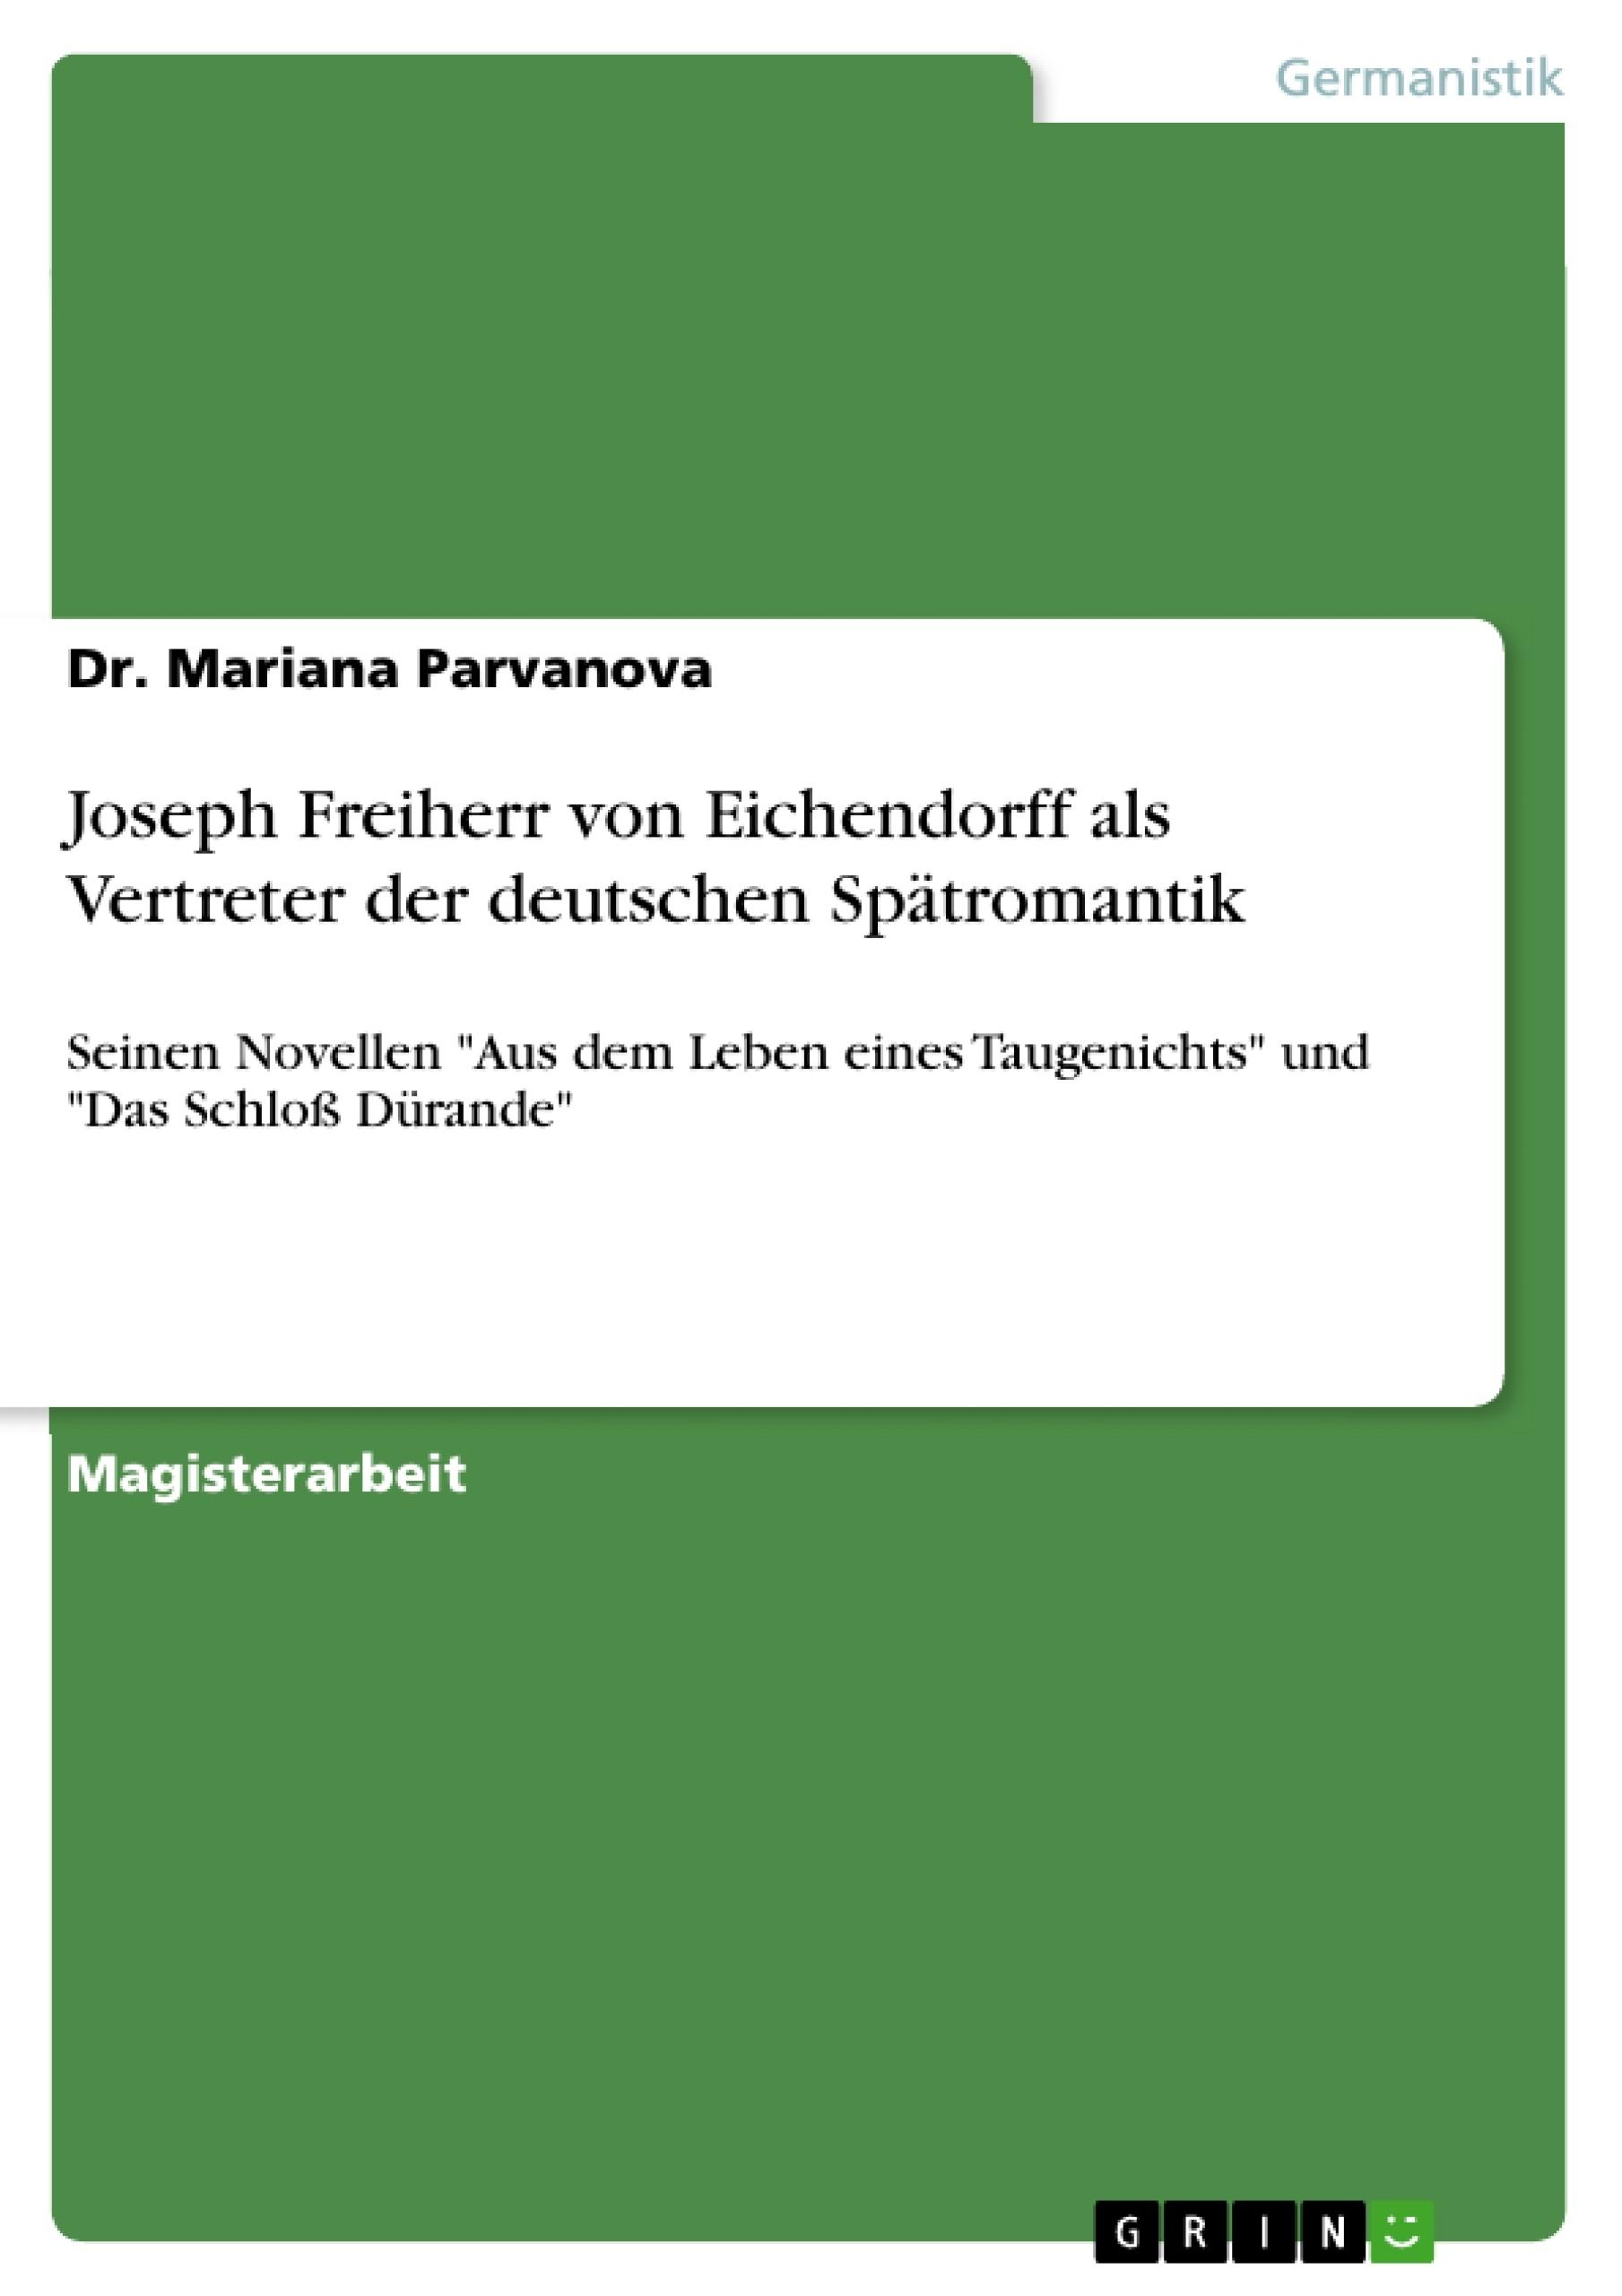 Titel: Joseph Freiherr von Eichendorff als Vertreter der deutschen Spätromantik